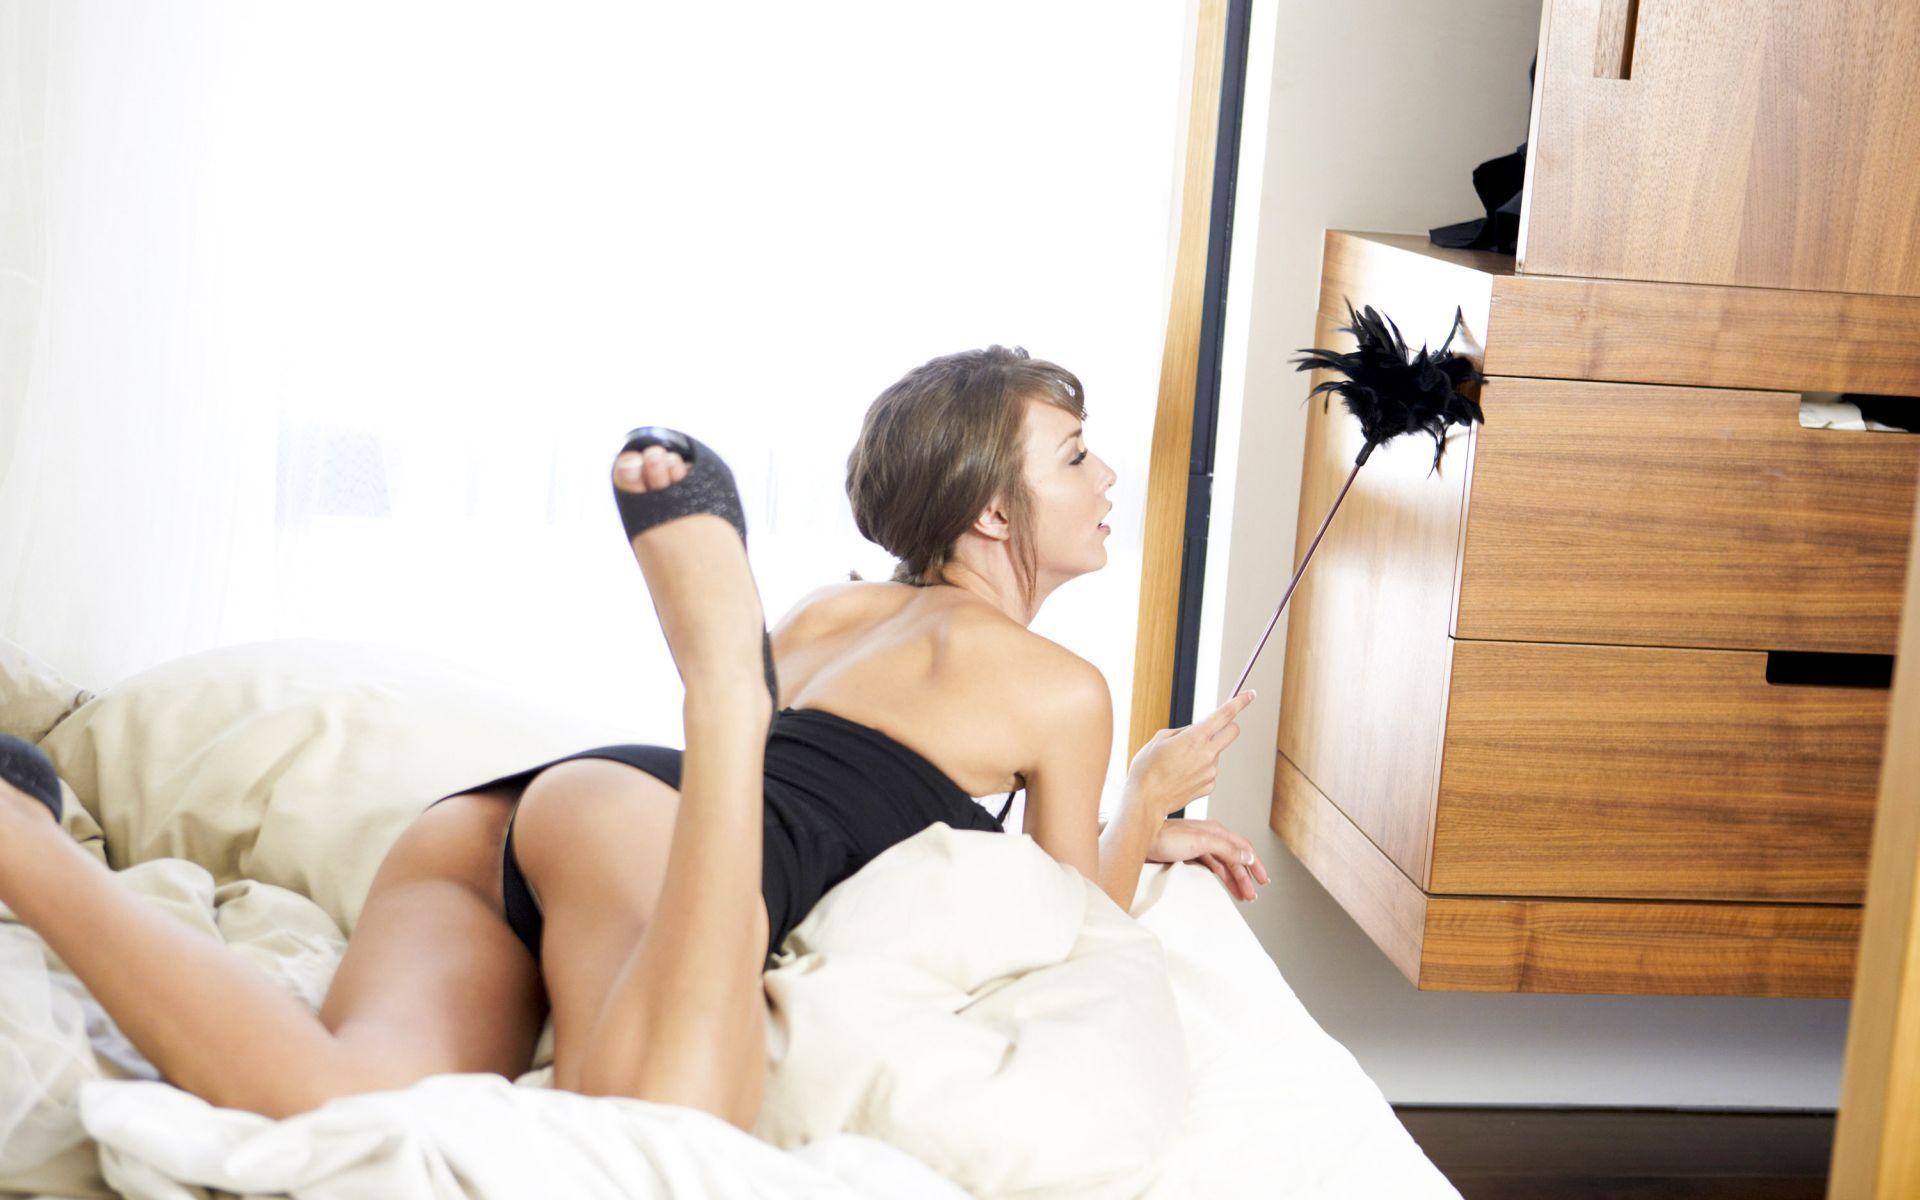 Сексапильная брюнетка делает минет половому партнеру  302547